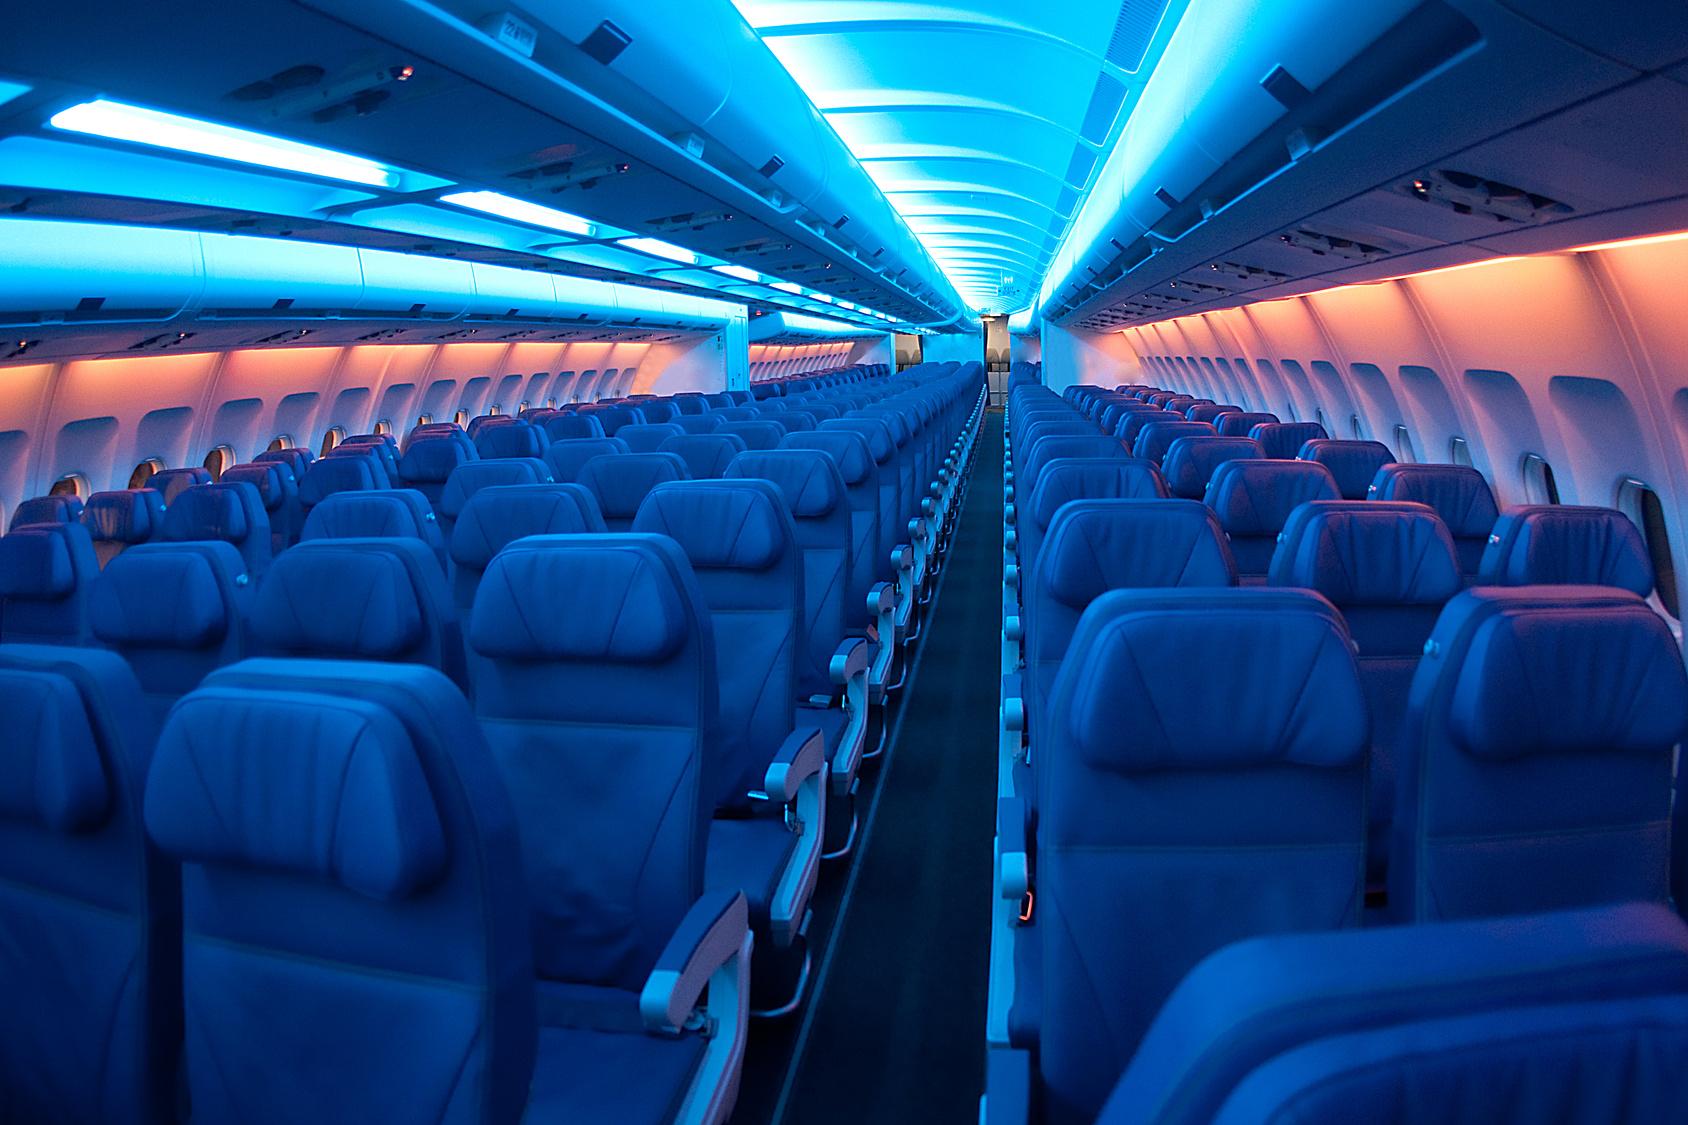 ¿Cómo elegir asiento en el avión?